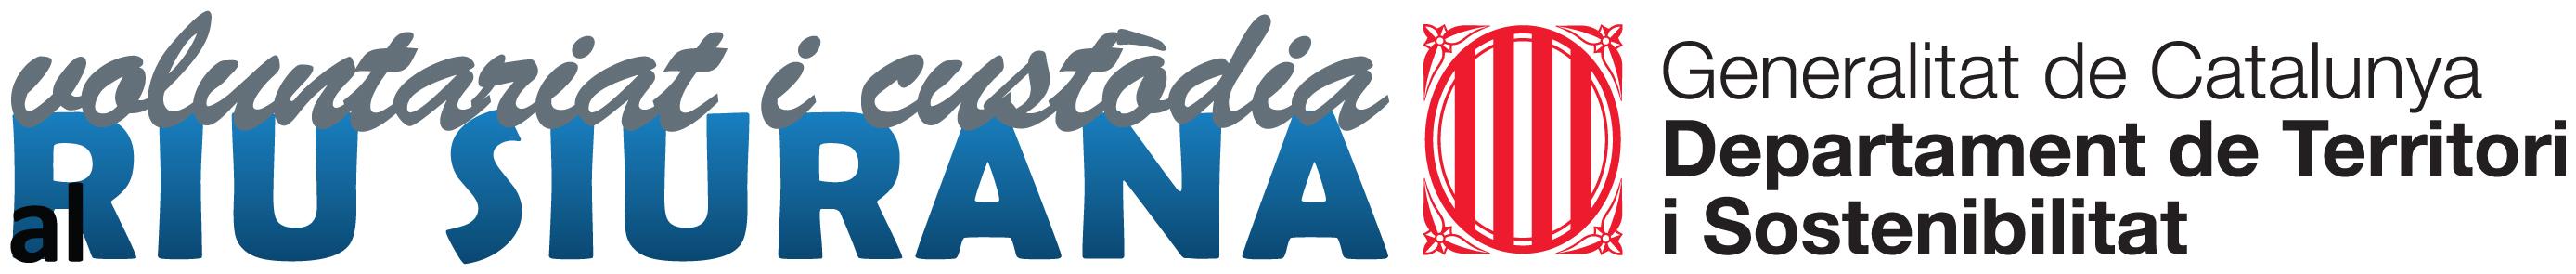 logo vcSiurana TES copy